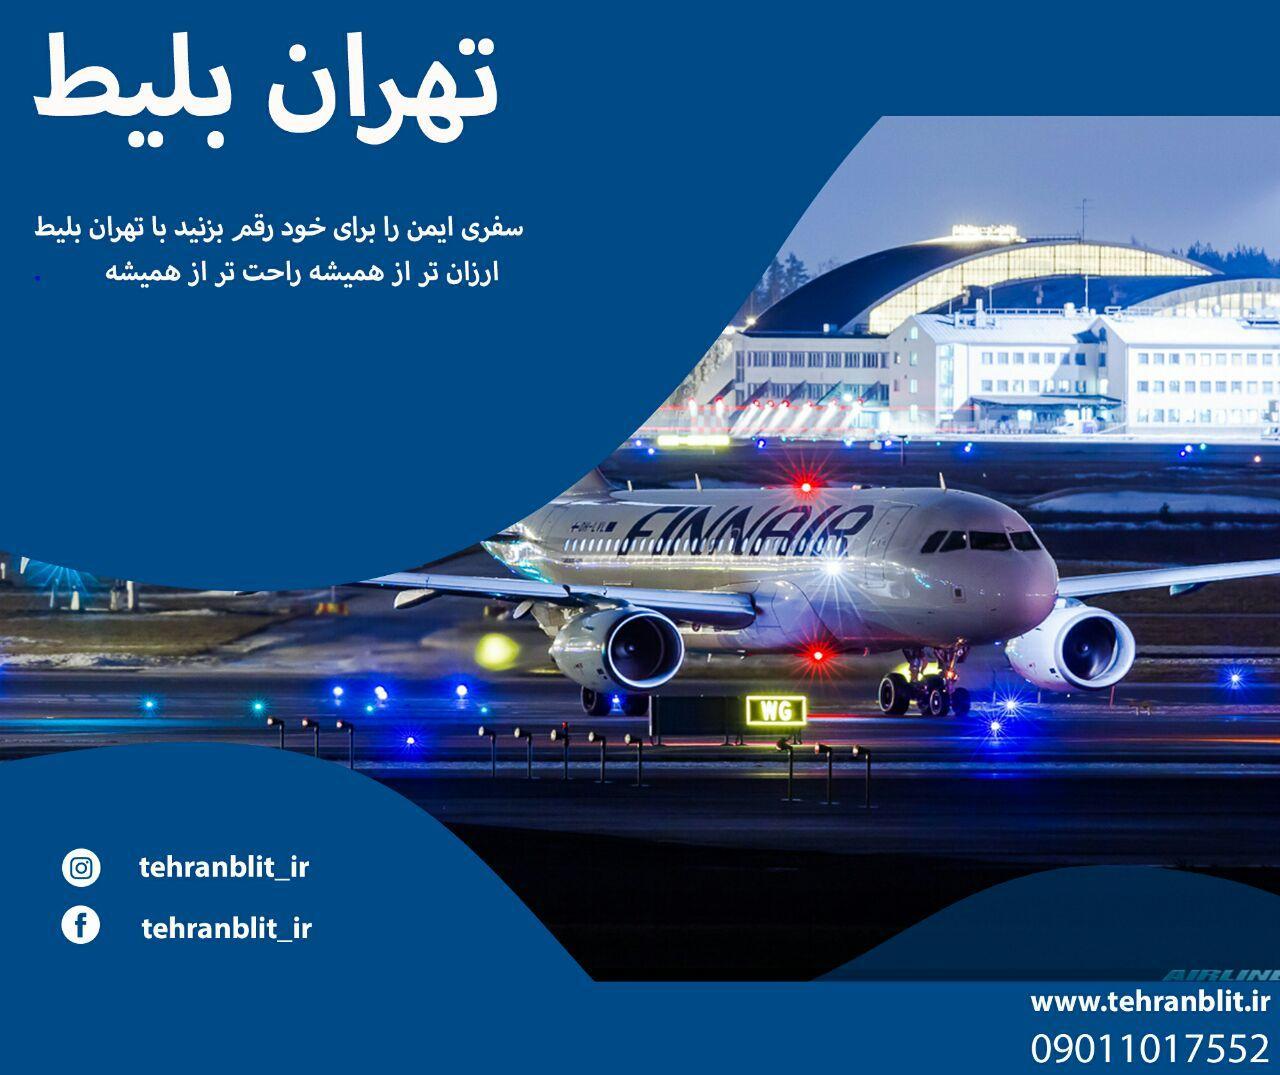 بلیط هواپیما آبادان به تهران